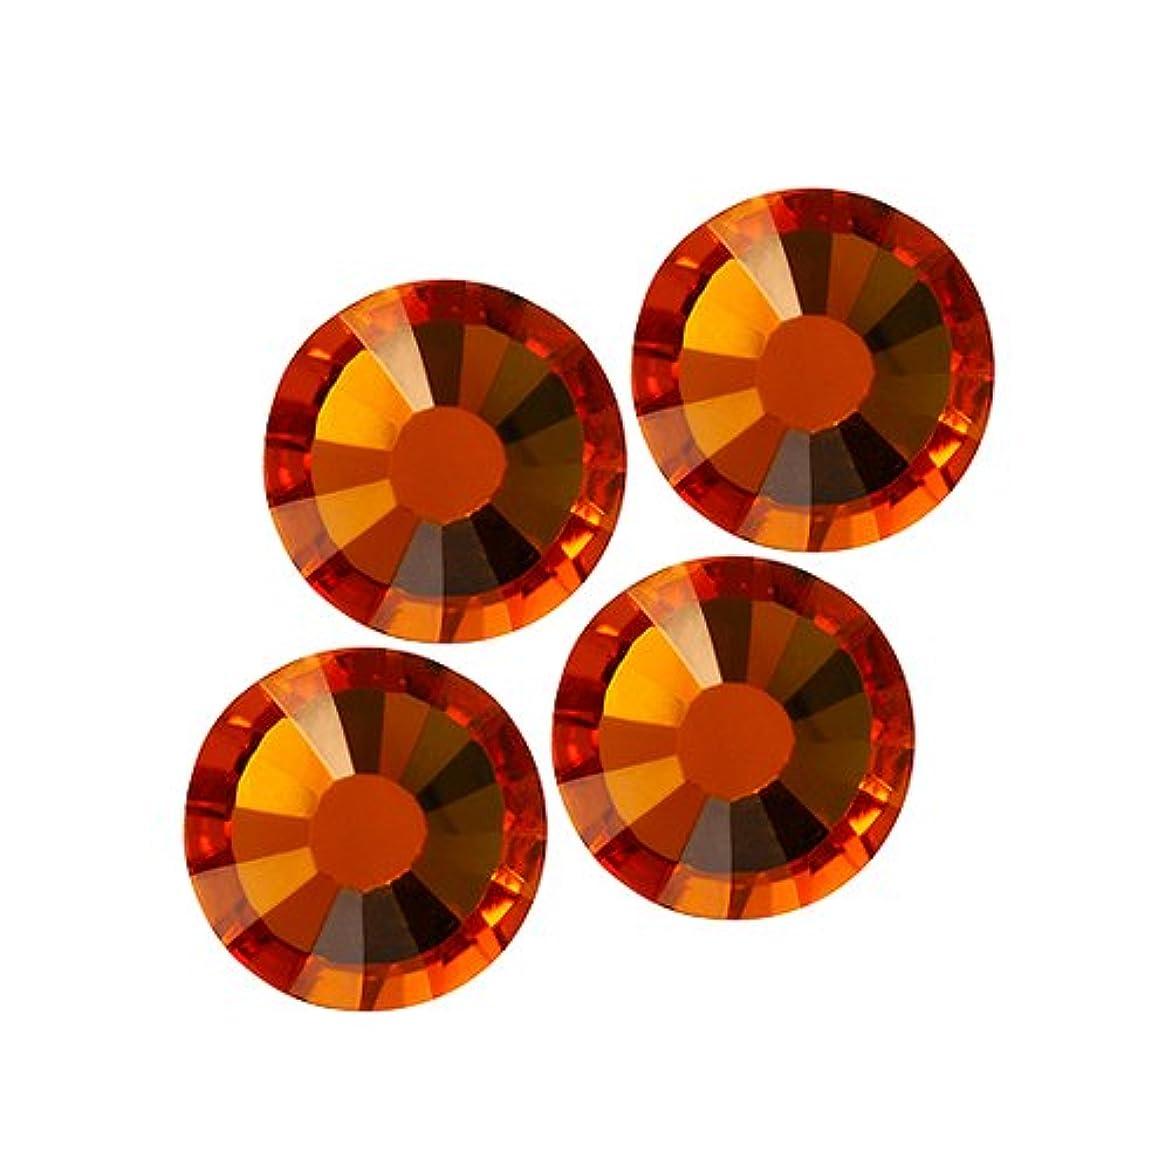 可能性足音変更可能バイナル DIAMOND RHINESTONE トパーズSS8 720粒 ST-SS8-TPZ-5G